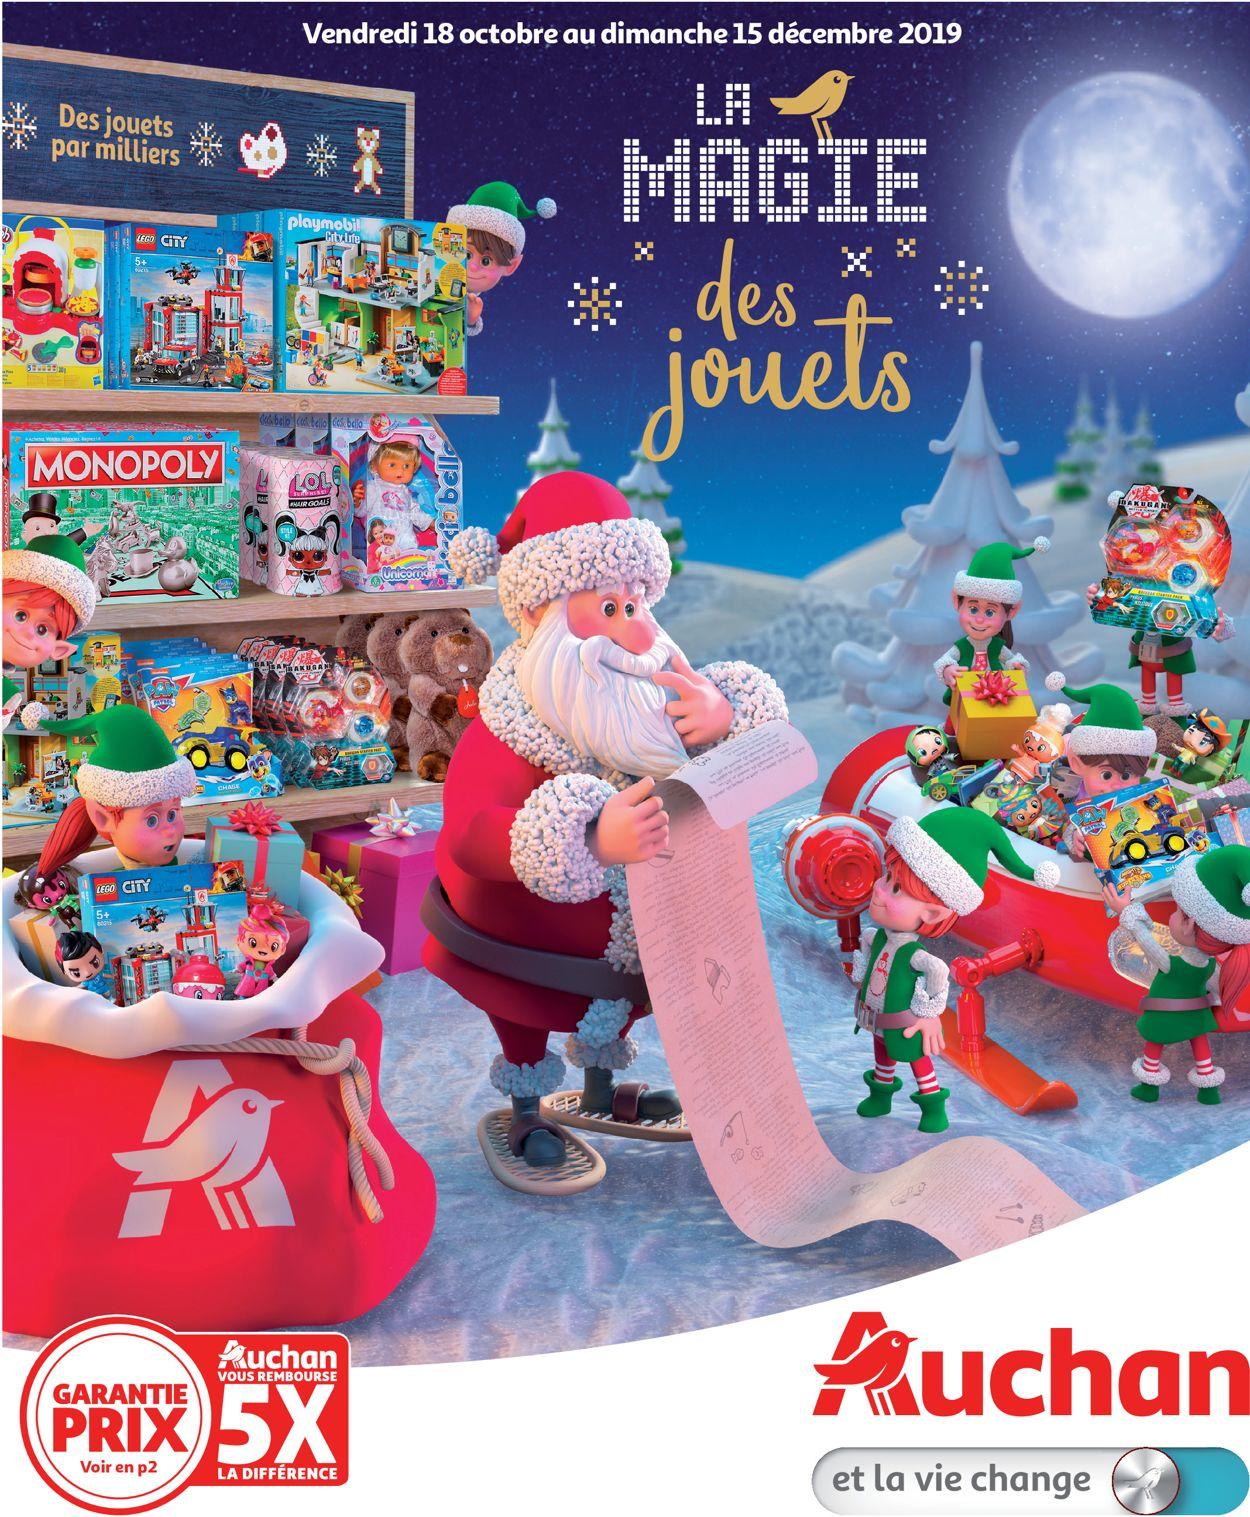 Auchan catalogue de Noël 2019 Catalogue - 18.10-15.12.2019